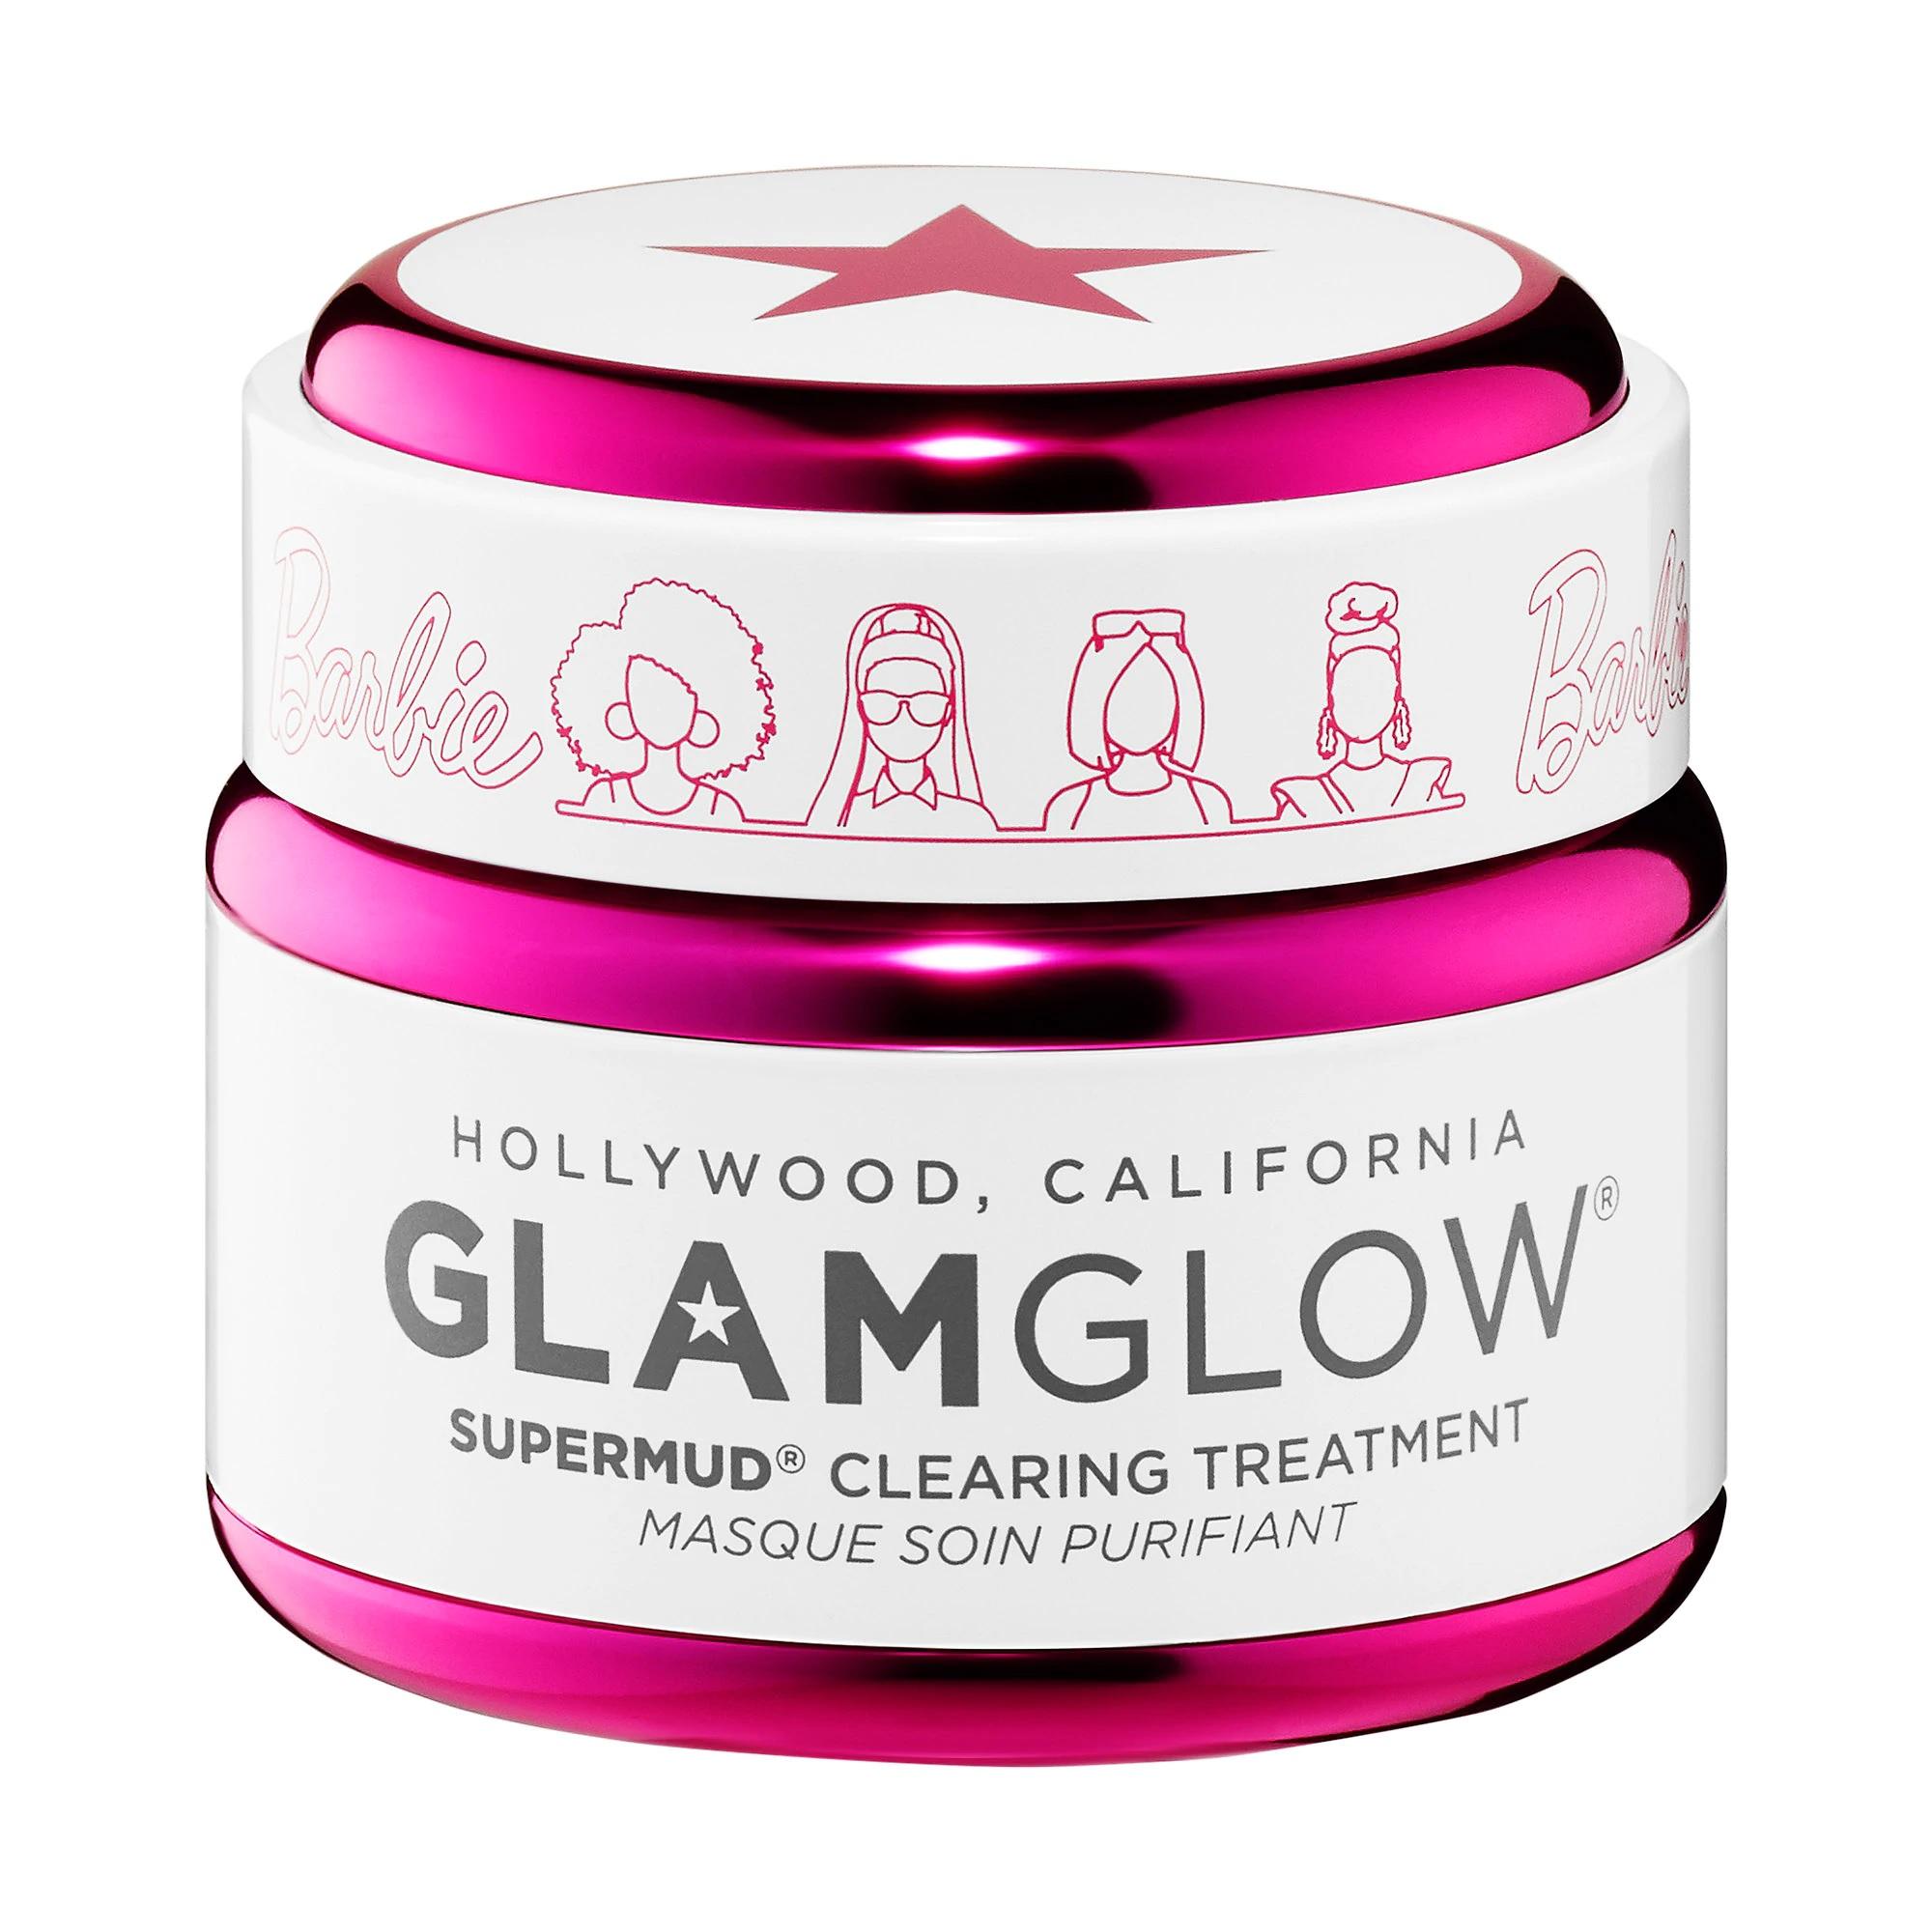 Barbie™ x GLAMGLOW Limited Edition SUPERMUD® Clearing Instant Treatment Mask te ayuda a limpiar los poros y mejorar la apariencia normal, mixta y propensa al acné. Se recomienda para pieles normales, mixtas y grasosas.  Entre sus ingredientes cuenta con una variedad de ácidos, carbón activado-X hoja de eucalipto, entre otros. Encuéntrala en Sephora. (Suministrada)